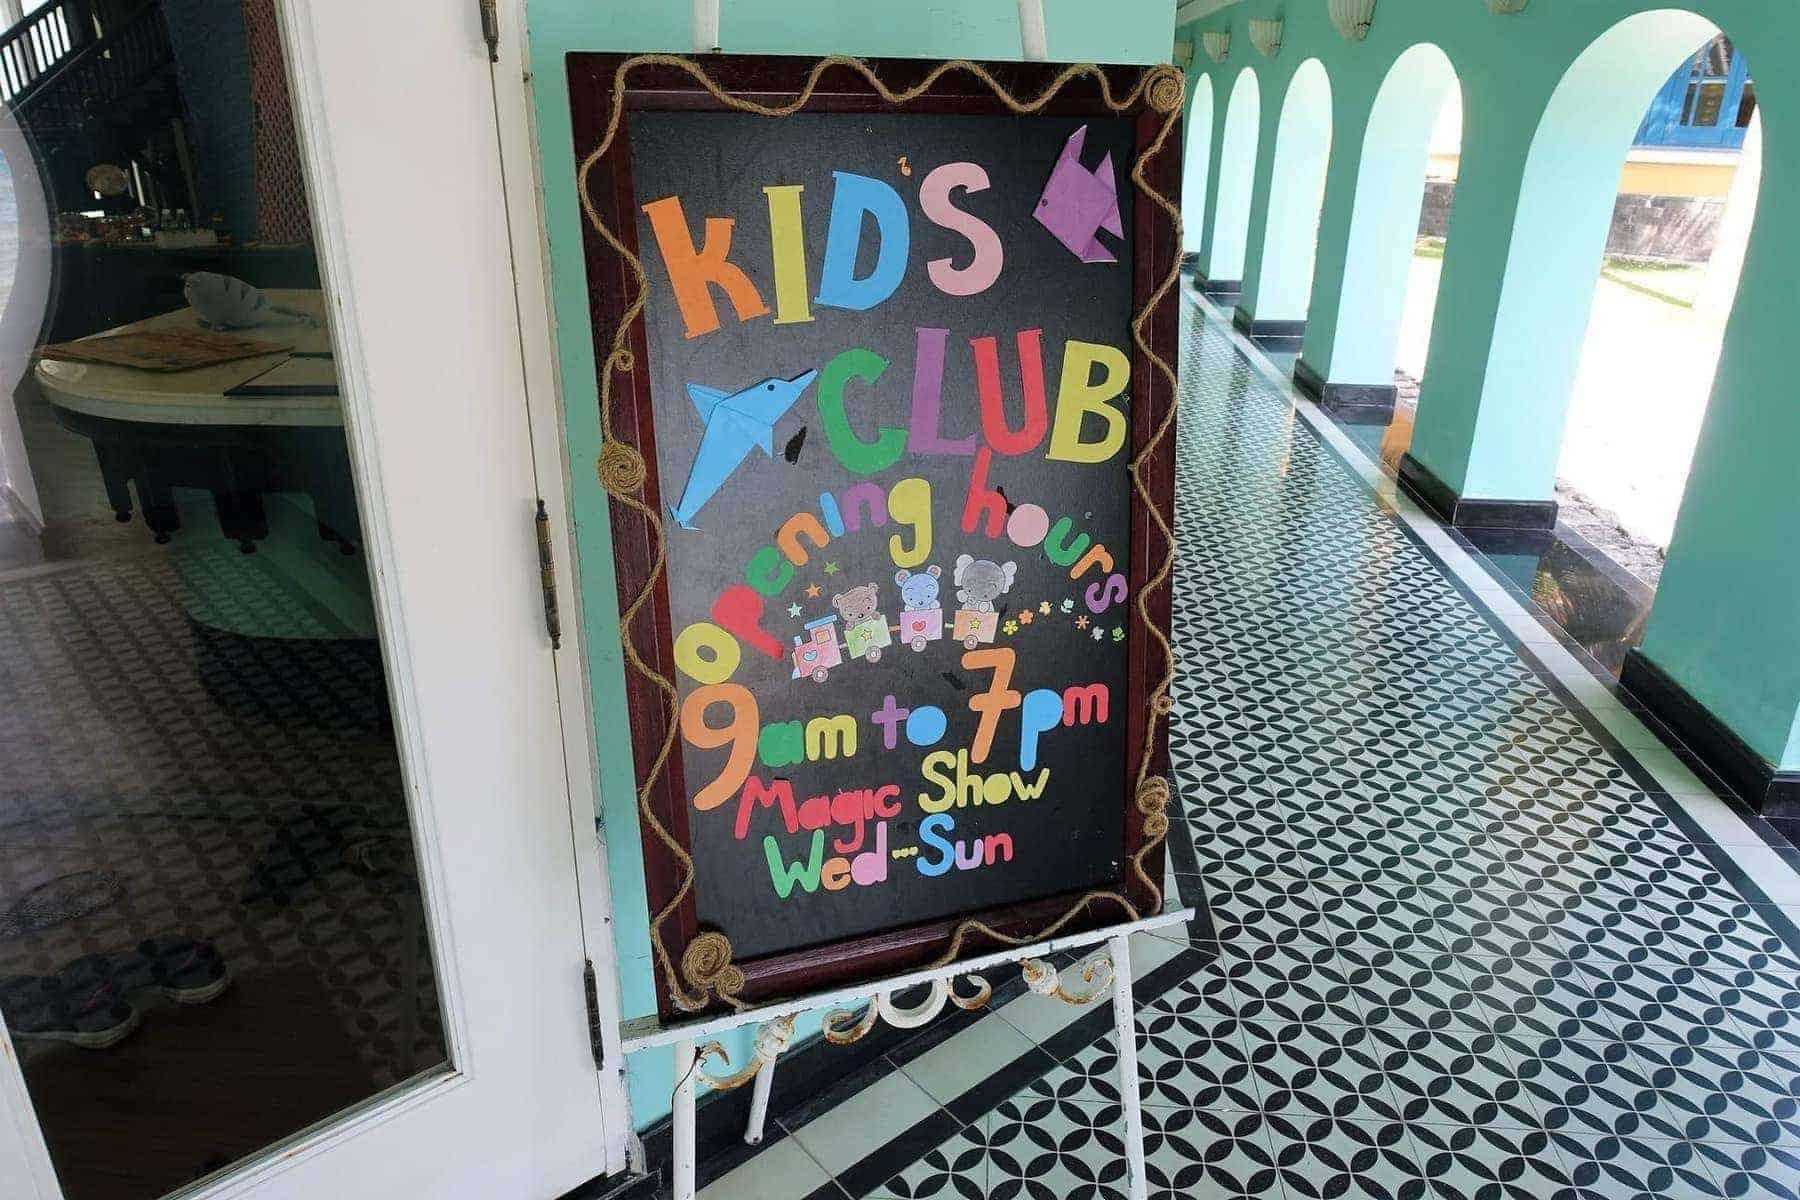 jw marriott phu quoc kidsclub 09